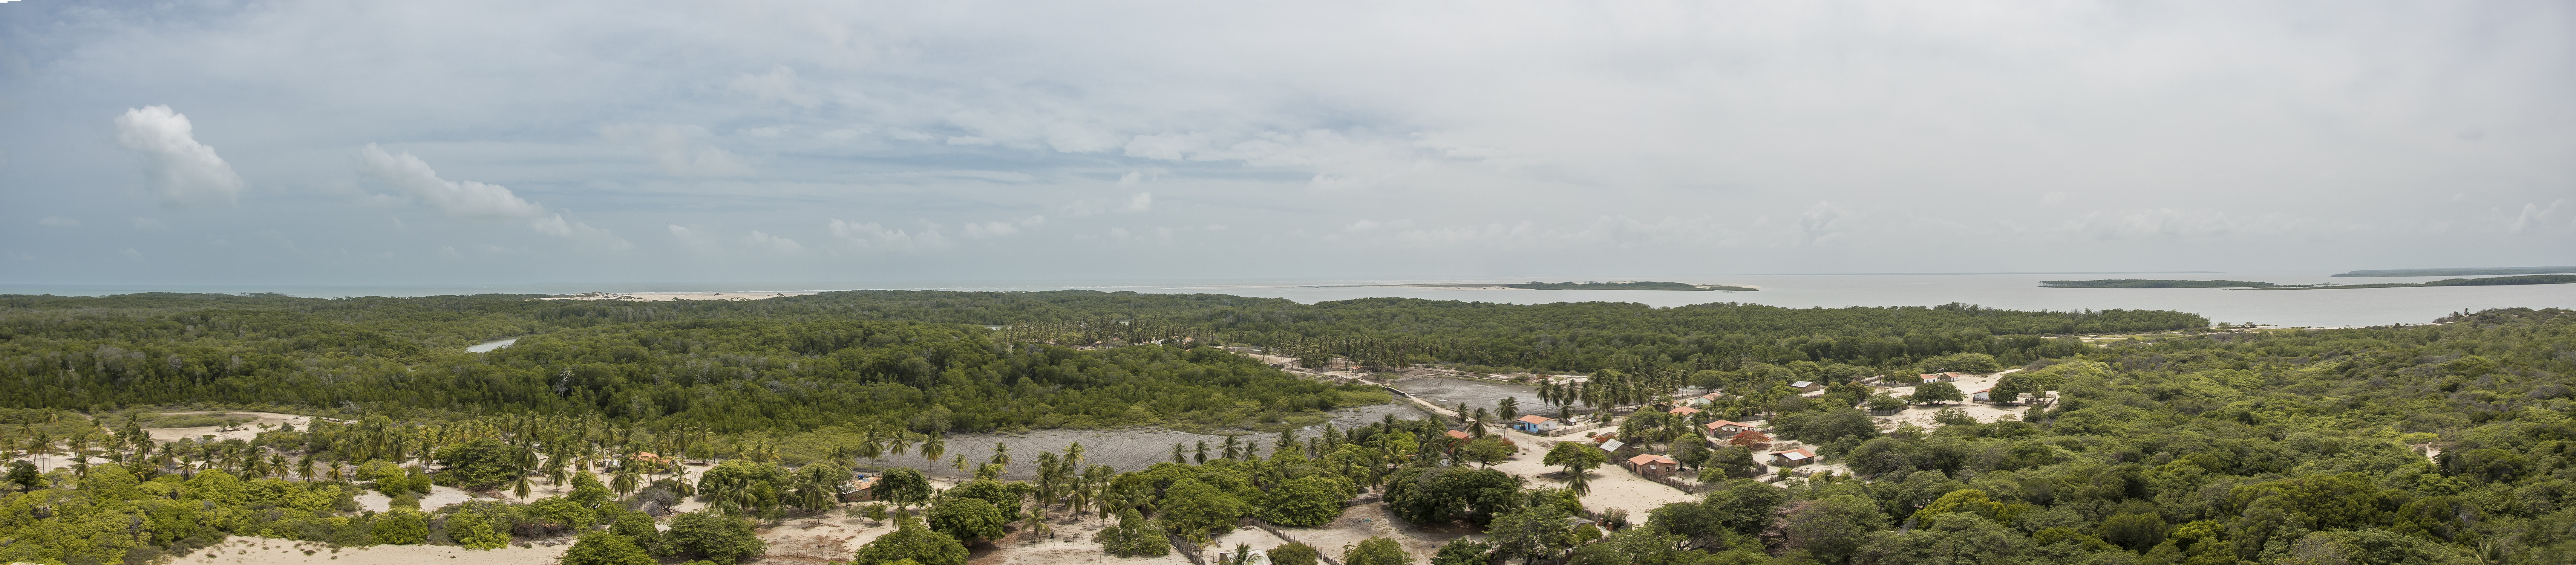 O arquipélago das Marianas, localizado no extremo Norte do Maranhão, é formado por cerca de 30 ilhas